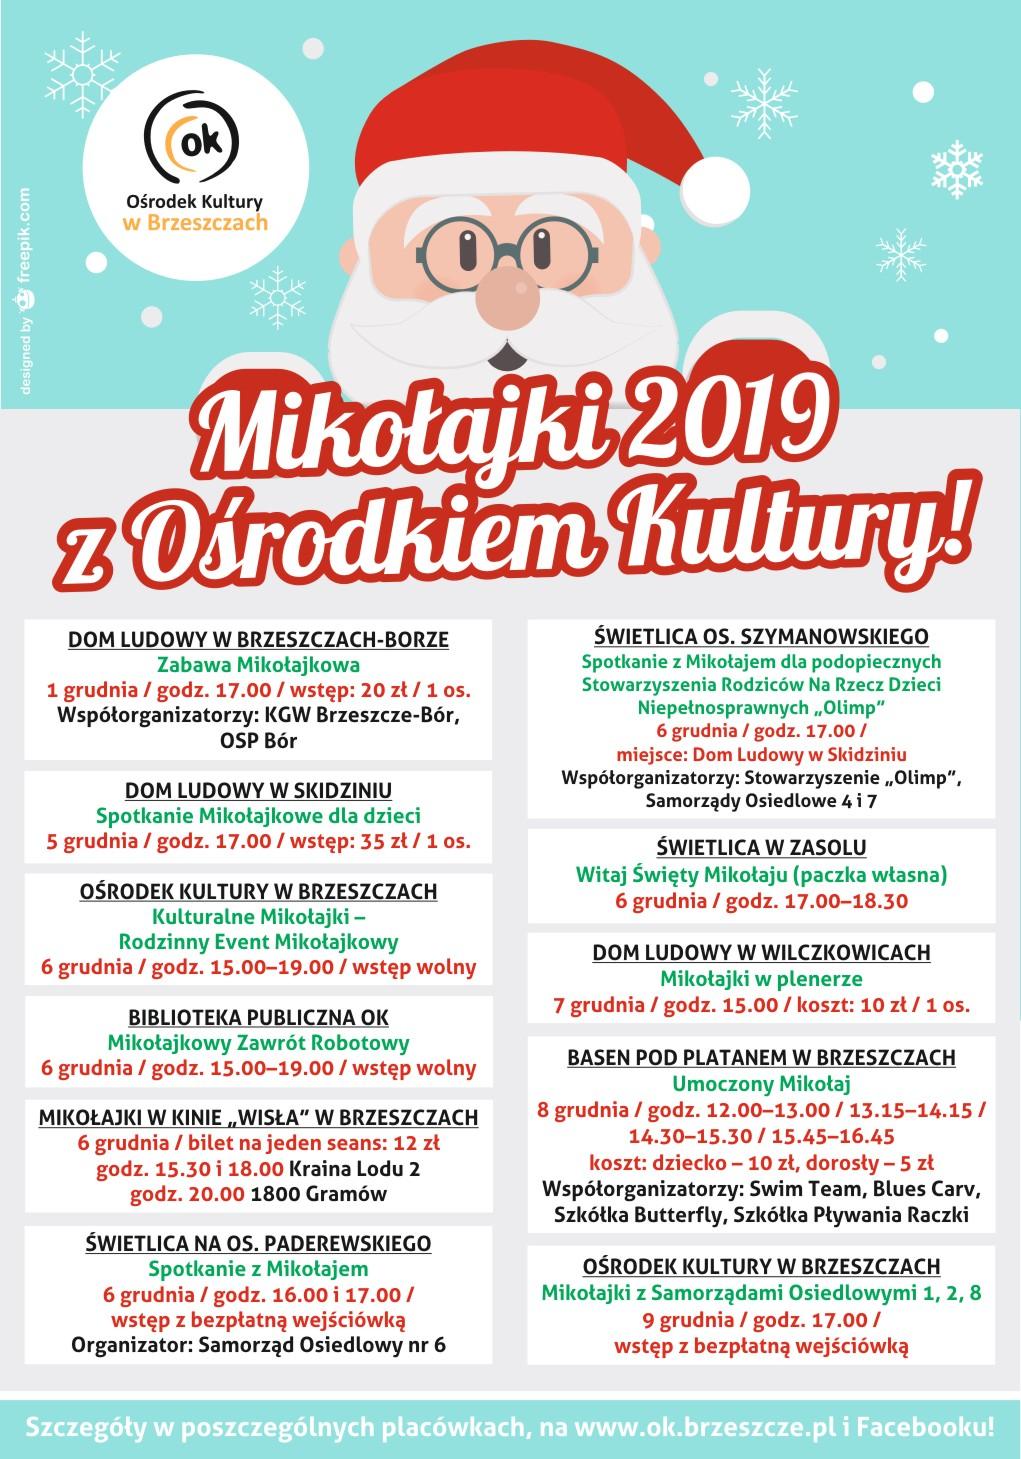 Mikołajki 2019 Z Ośrodkiem Kultury